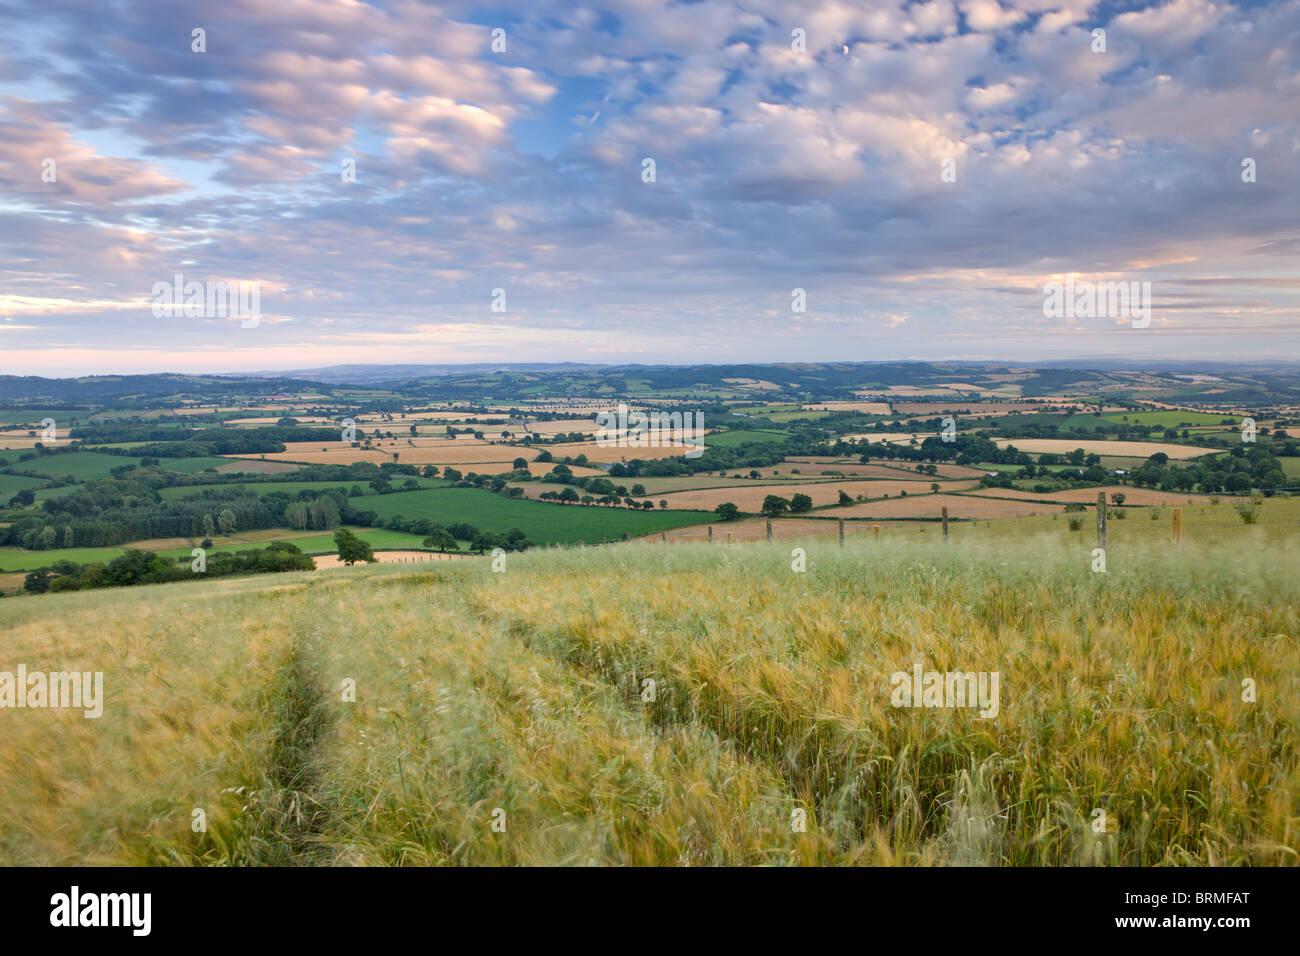 Campo di raccolto che si affaccia la laminazione continua la campagna della metà nel Devon, in Inghilterra. Immagini Stock